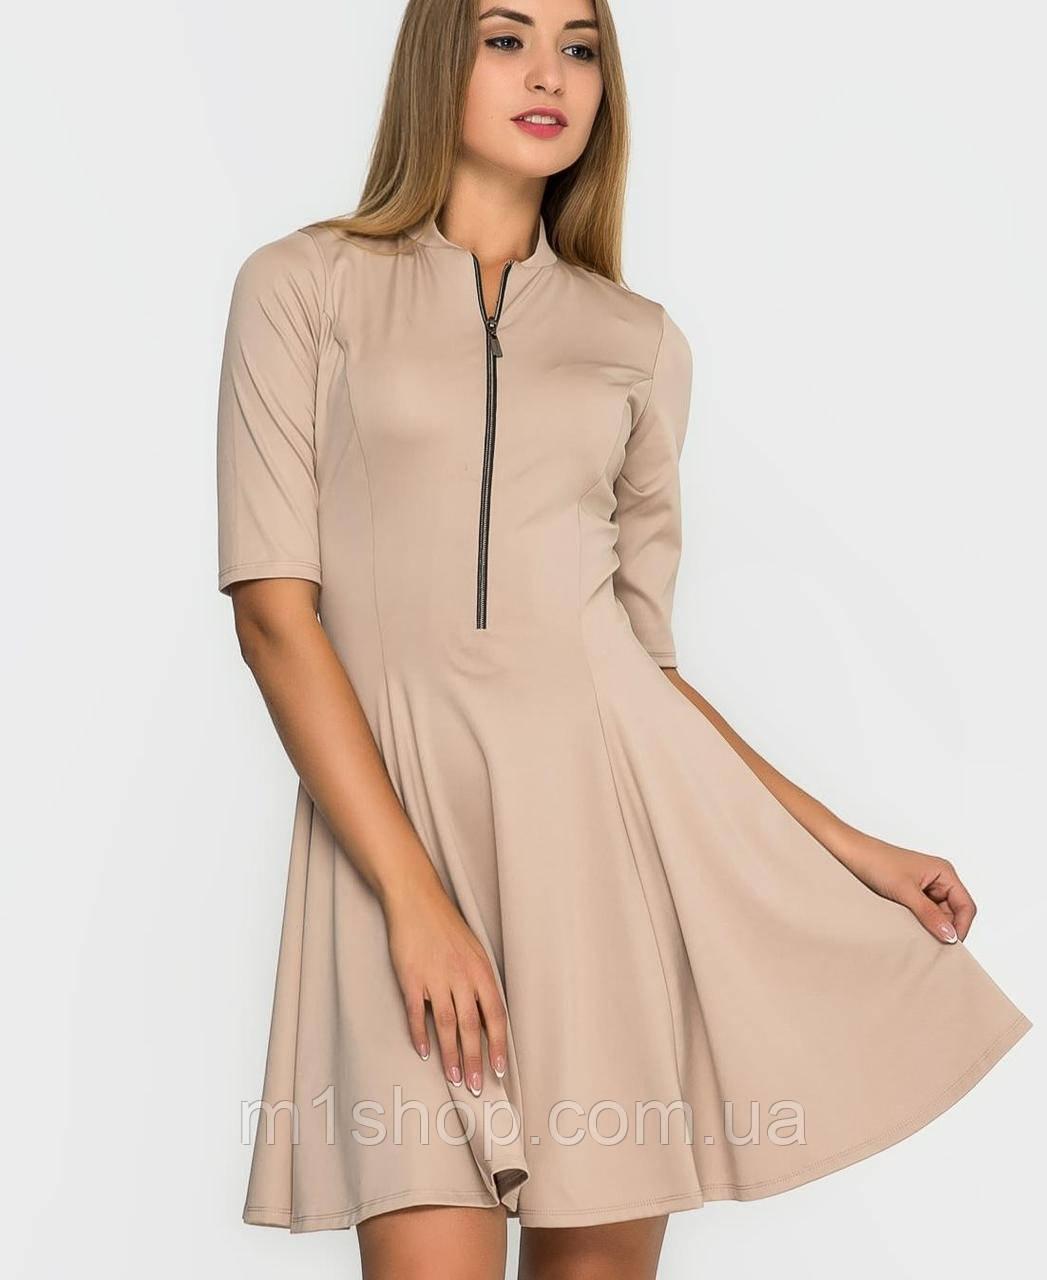 Женское расклешенное платье (Lorin sk)